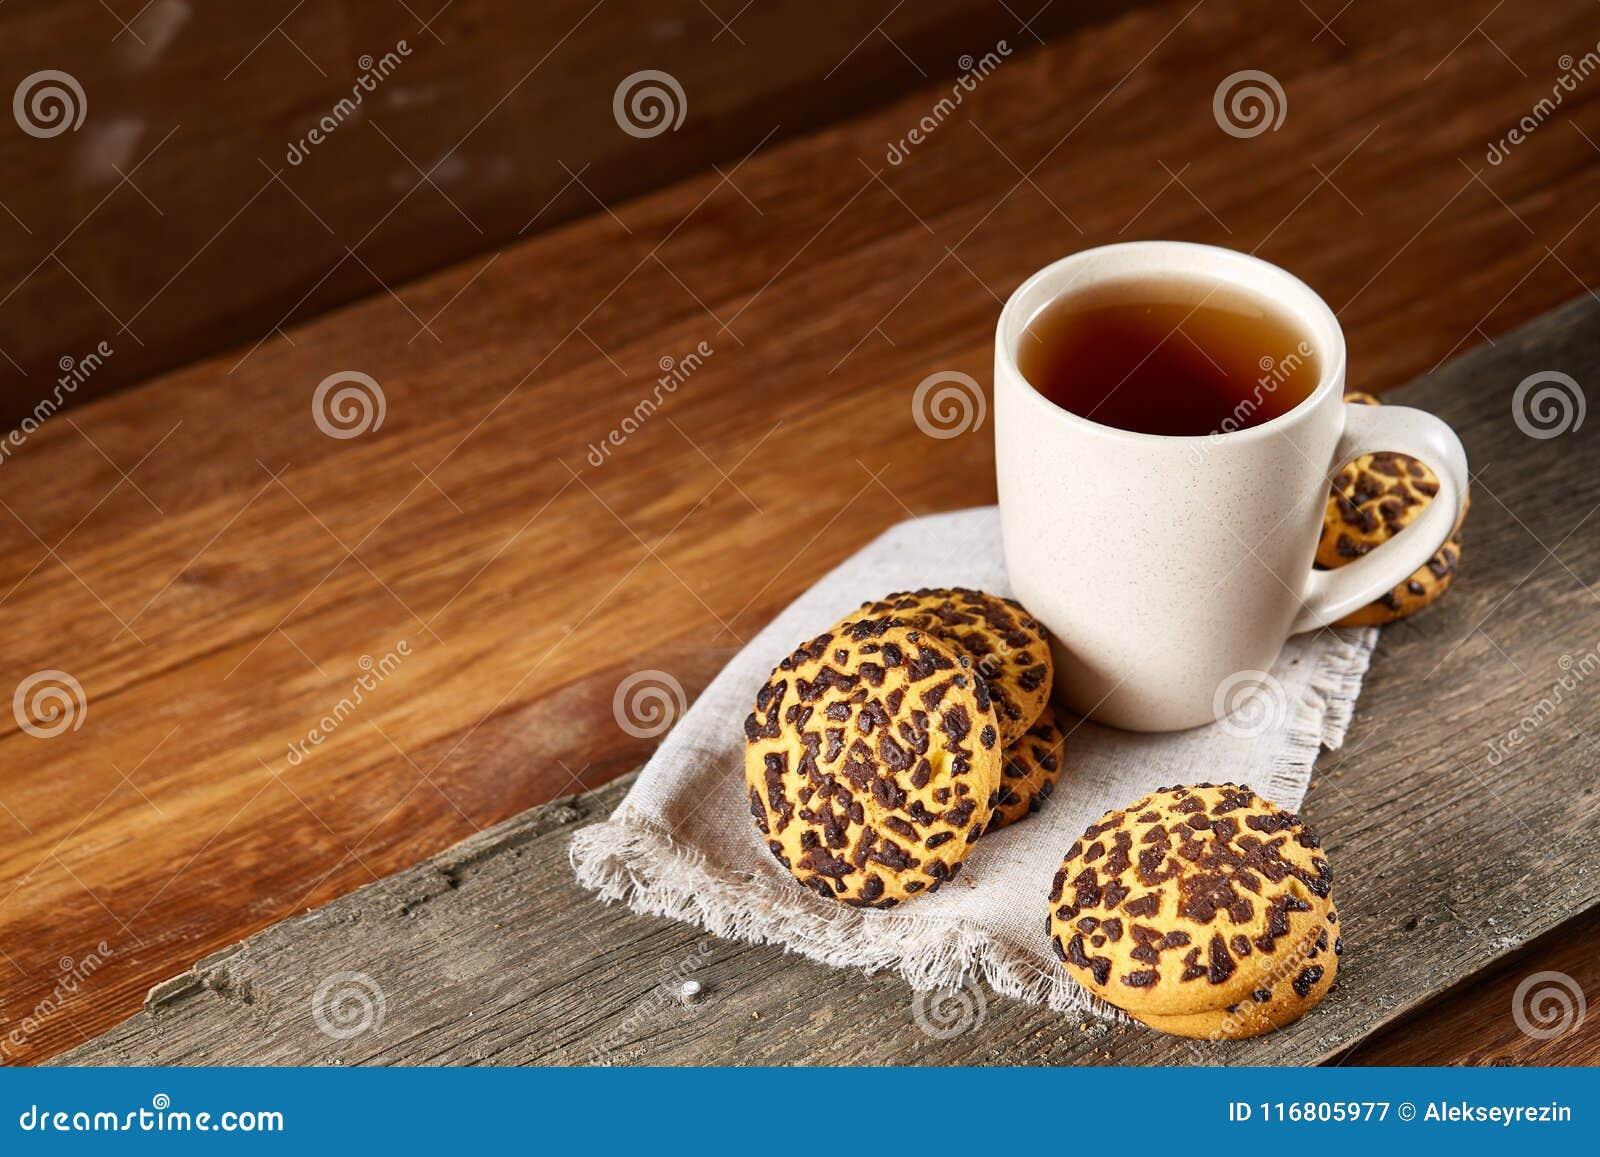 Tazza dei biscotti di pepita di cioccolato e del tè sul tovagliolo homespun bianco nel fuoco stile country e selettivo